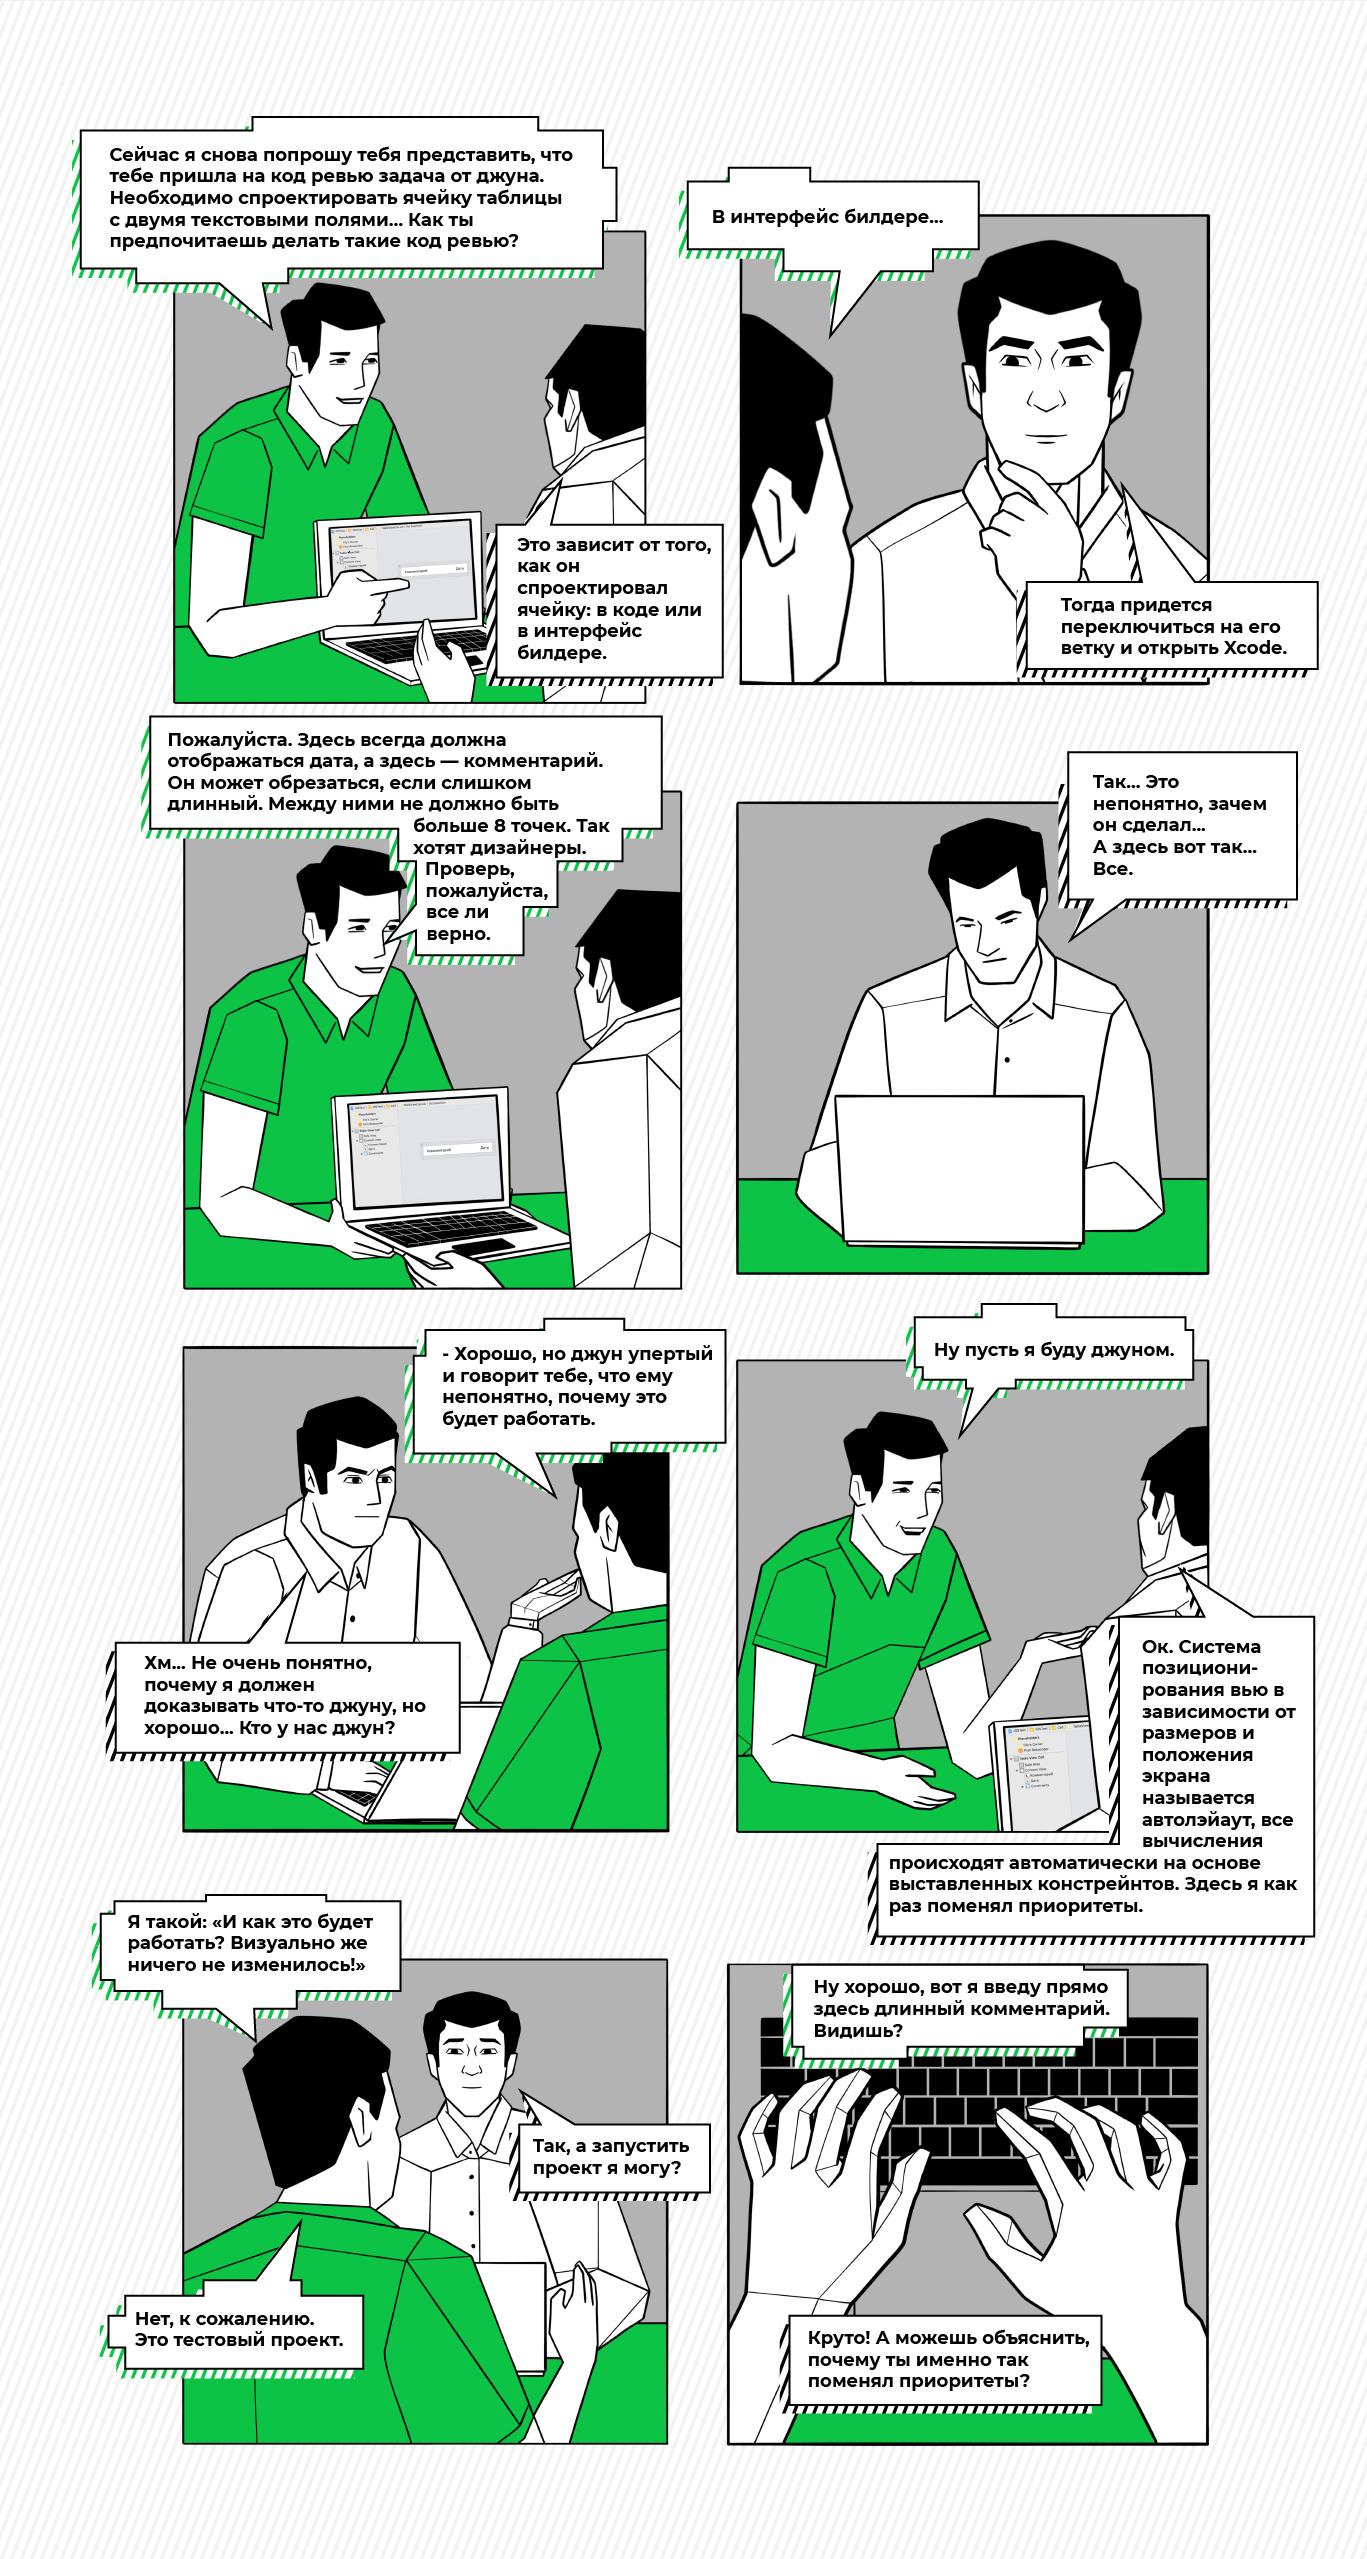 Сценарий идеального технического собеседования - 5